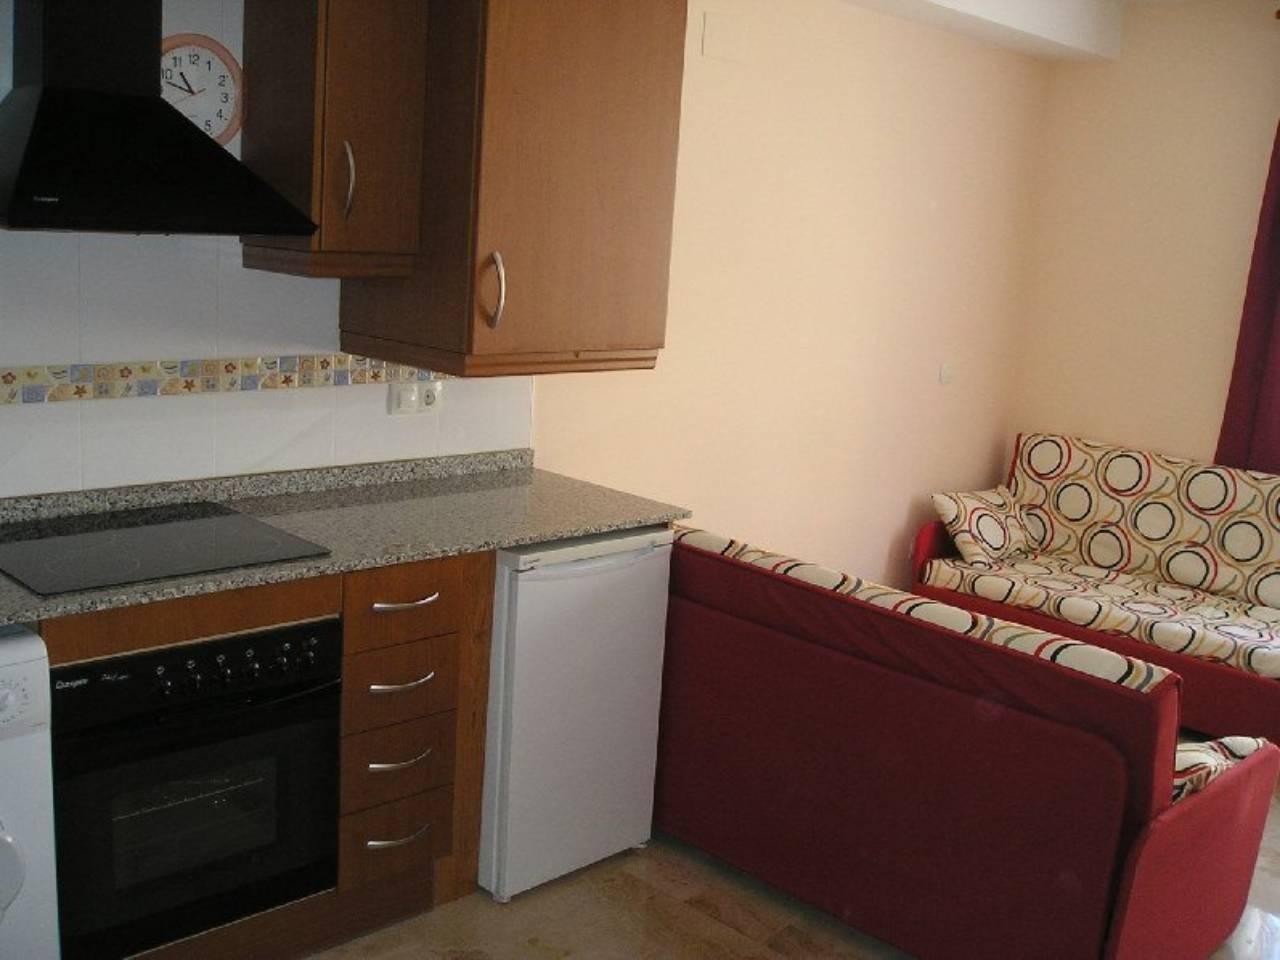 Lloguer Pis  Junto ayuntamiento. Superf. 43 m²,  1 habitación doble,  1 baño, cocina (equipada),